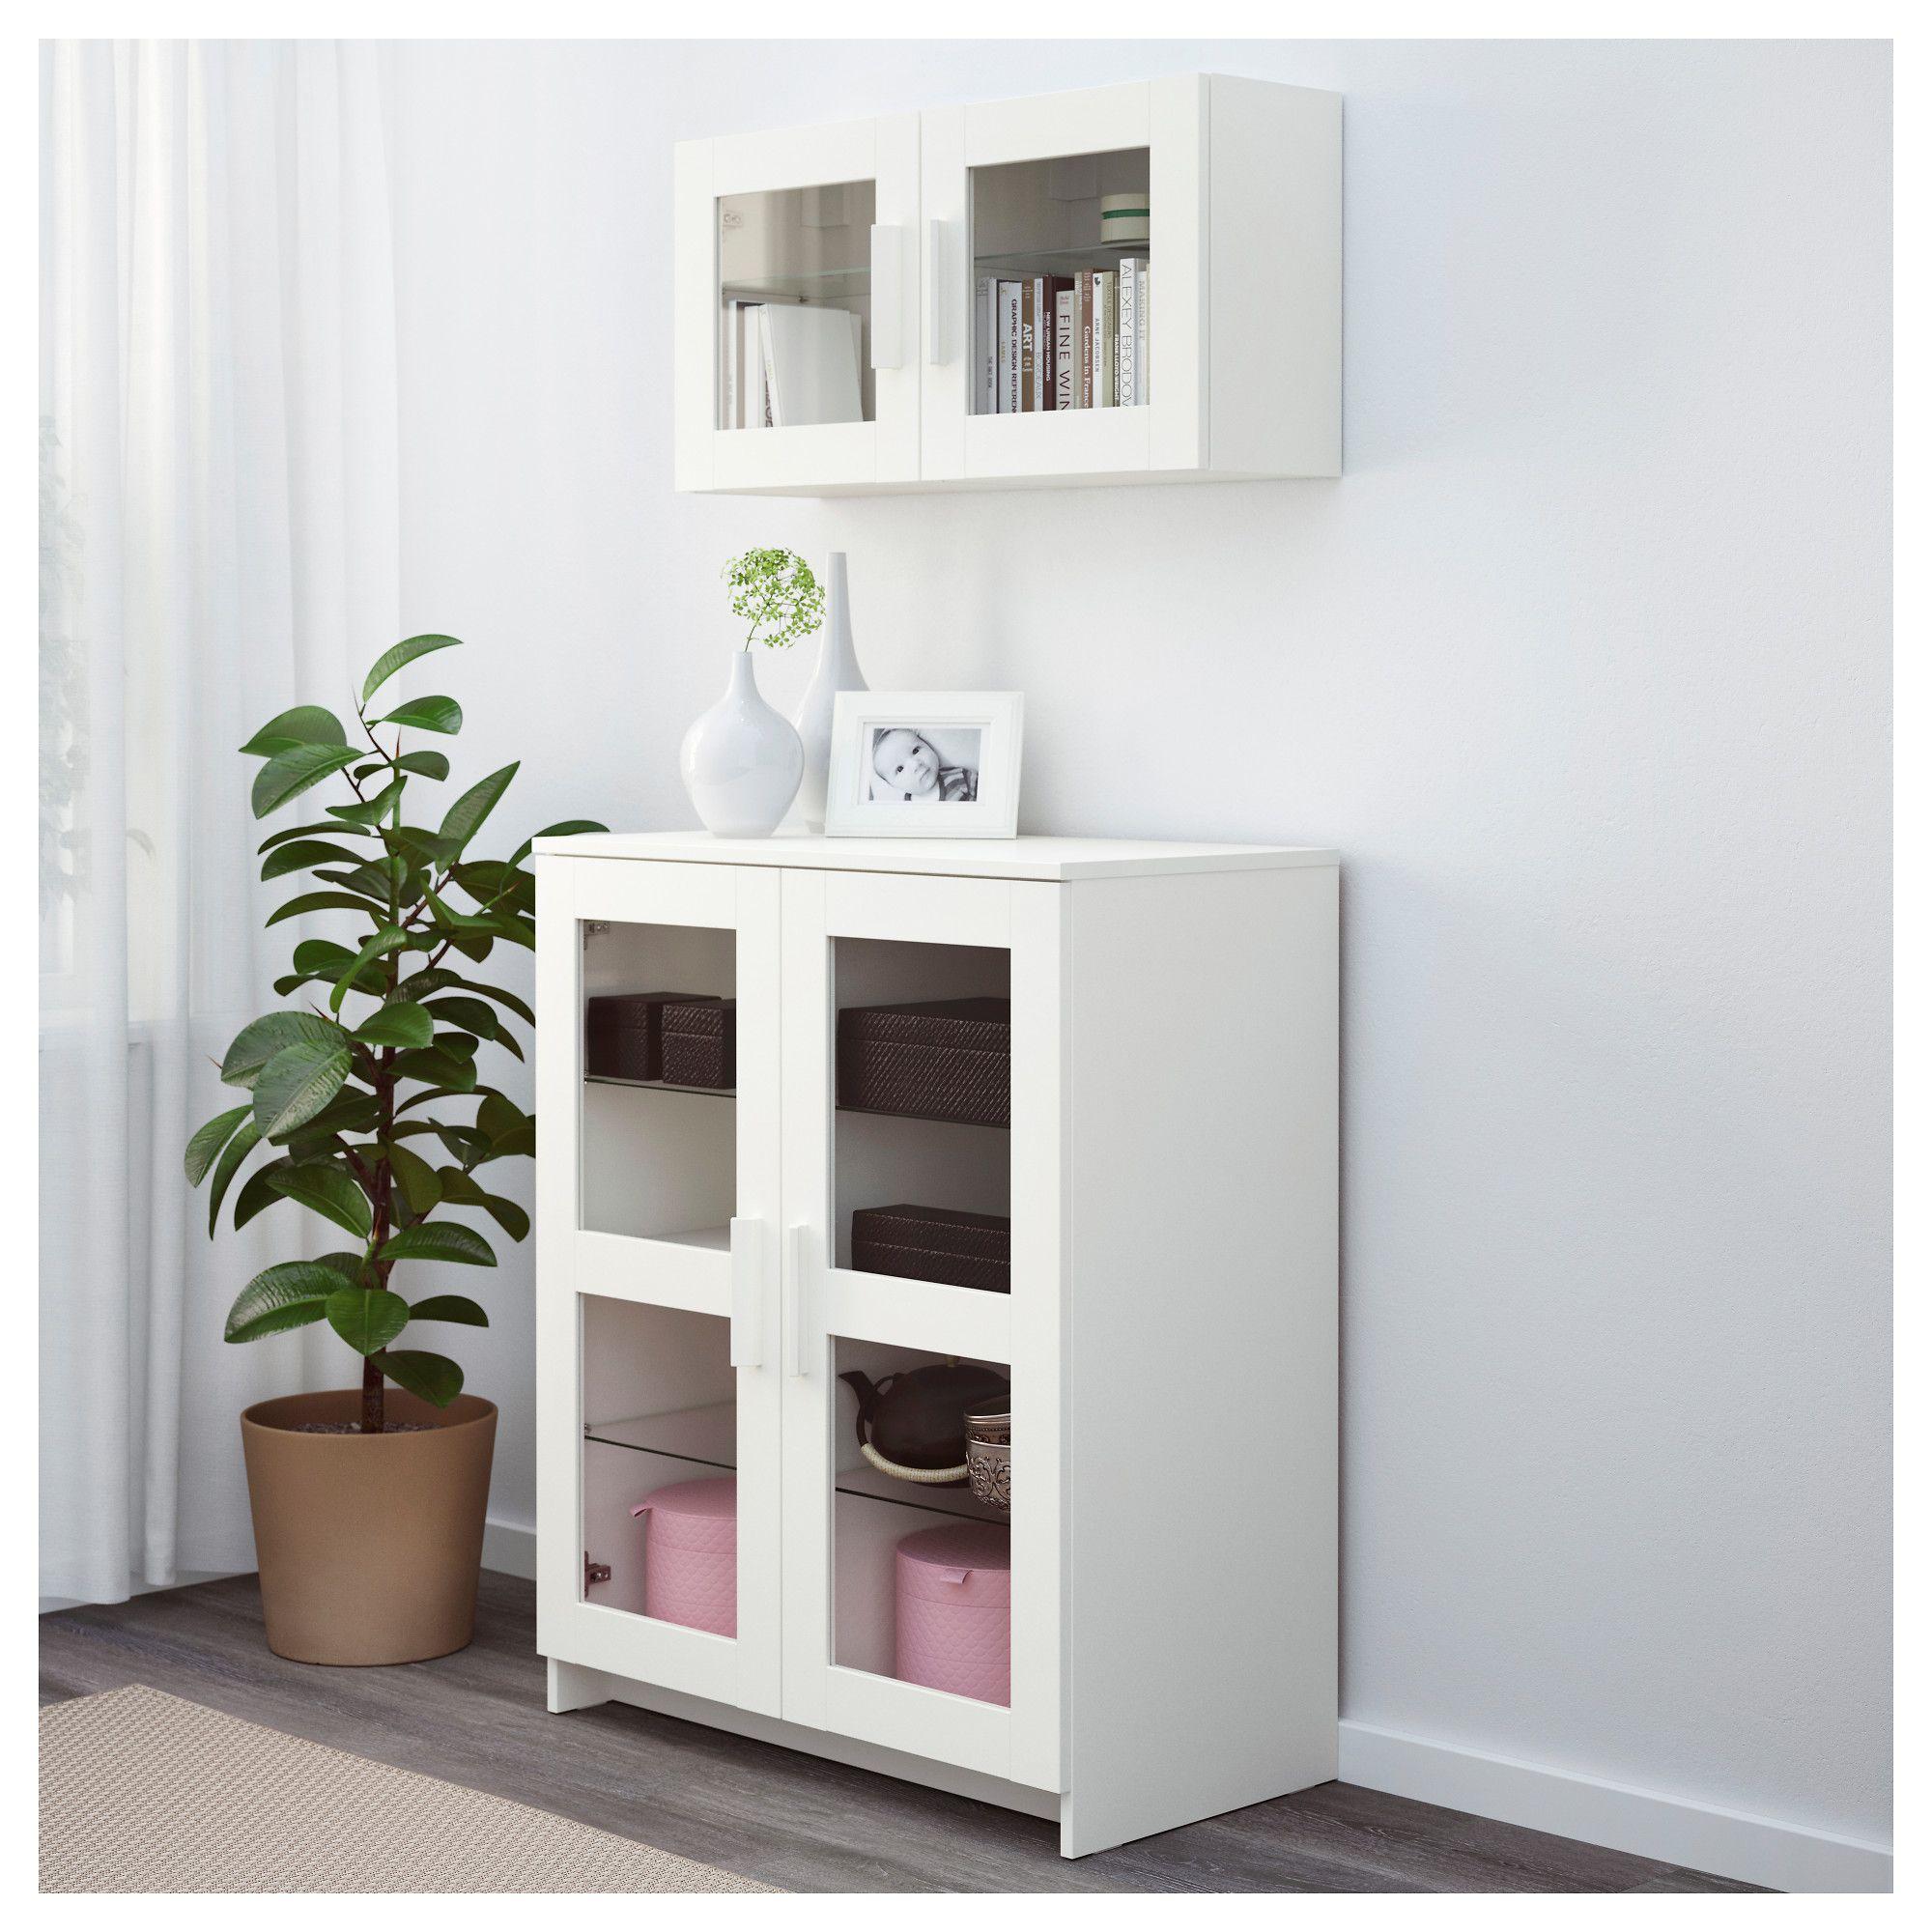 BRIMNES Cabinet with doors - glass/white - IKEA  Cabinet doors